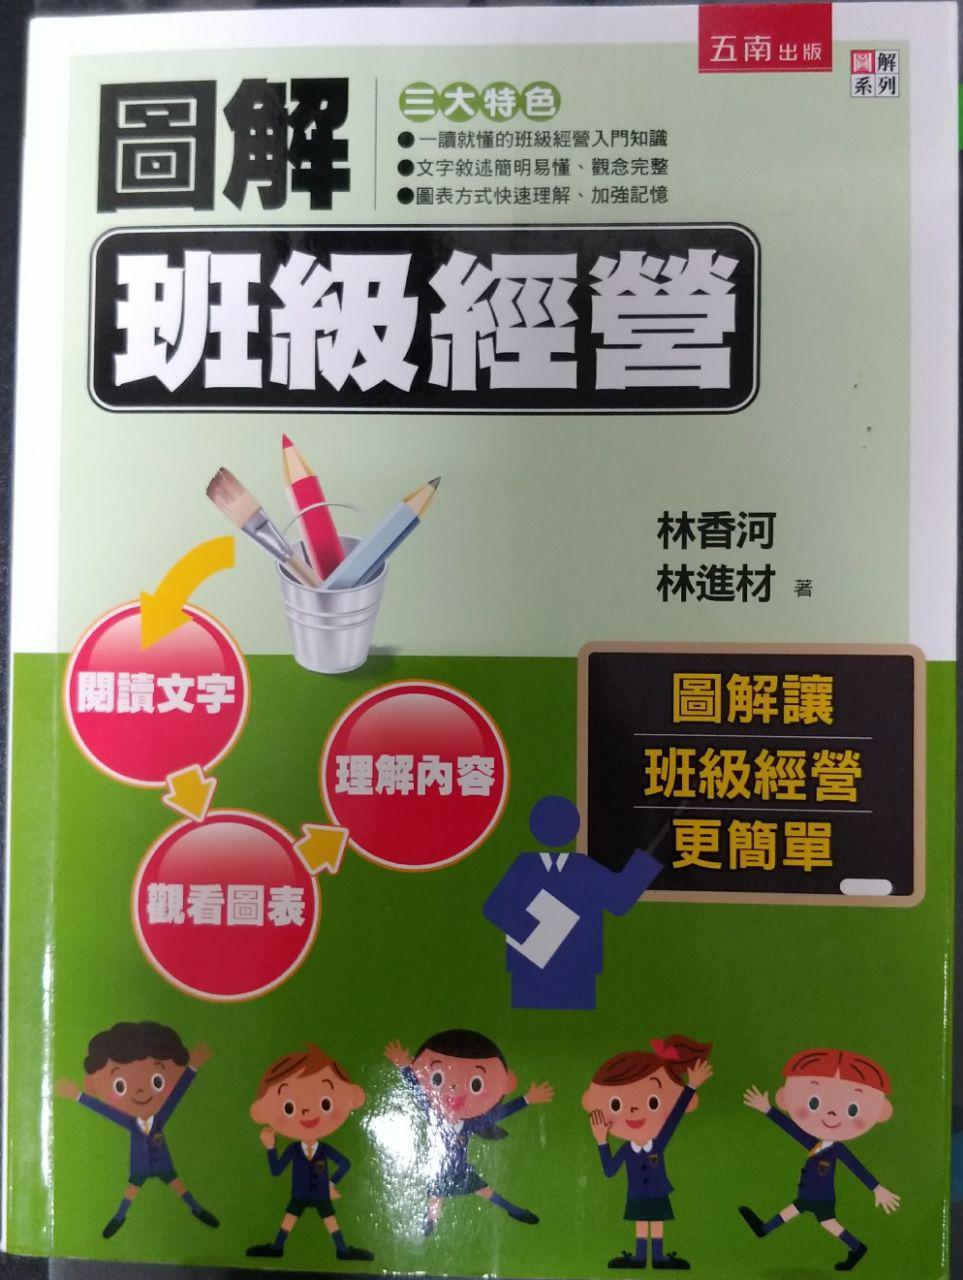 [班級經營的模式] 教師效能訓練模式